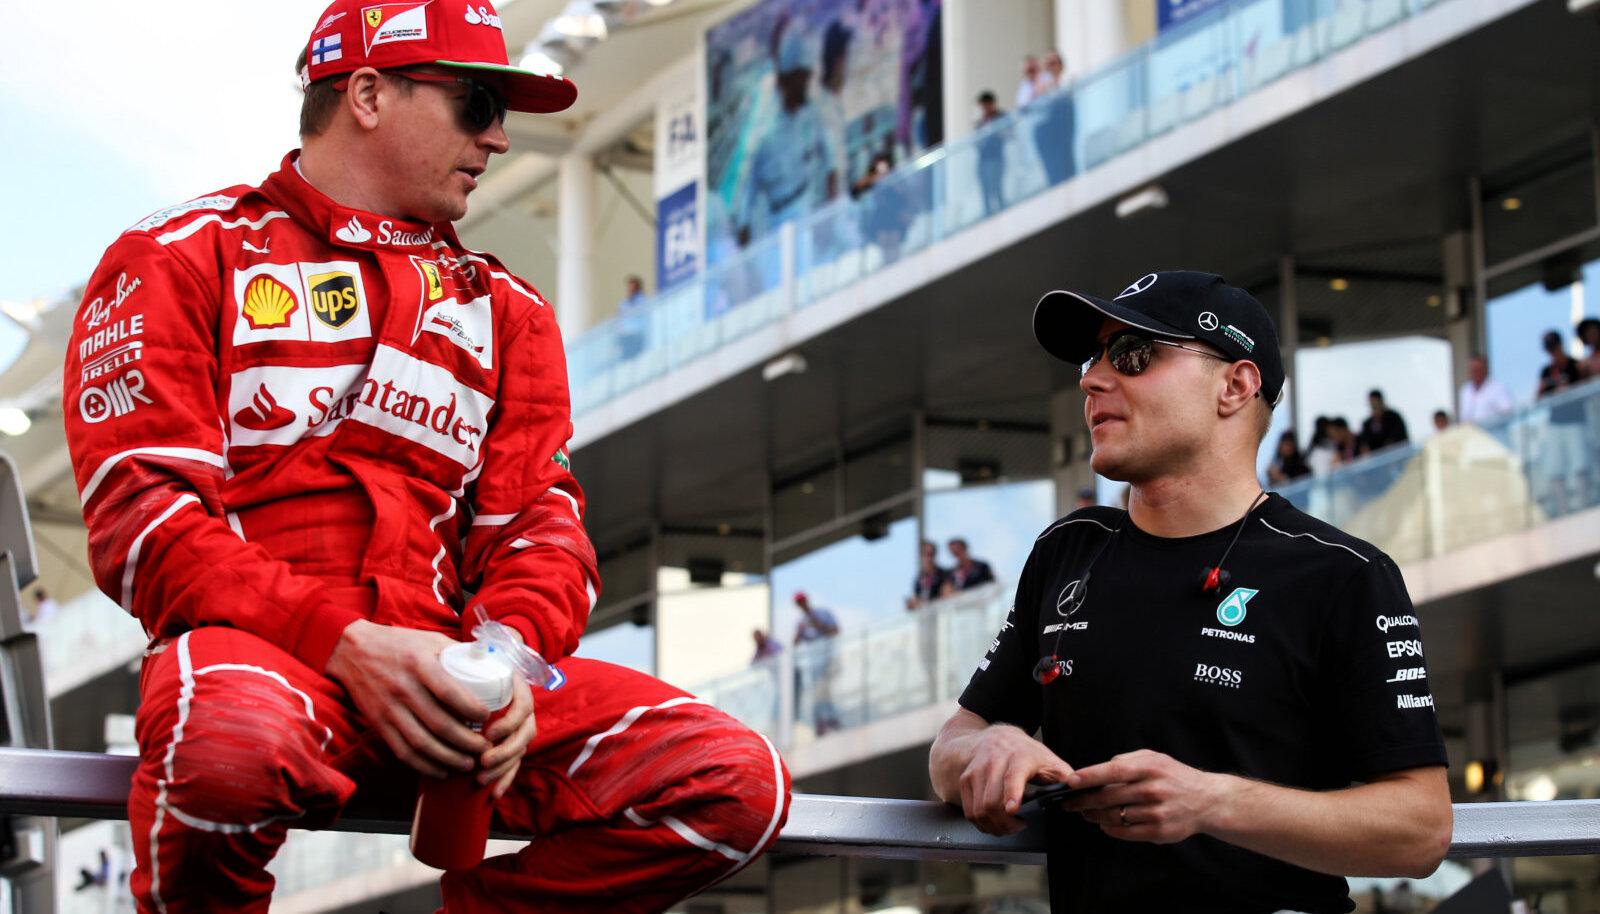 Kimi Räikkönen ja Valtteri Bottas 2018. aastal.